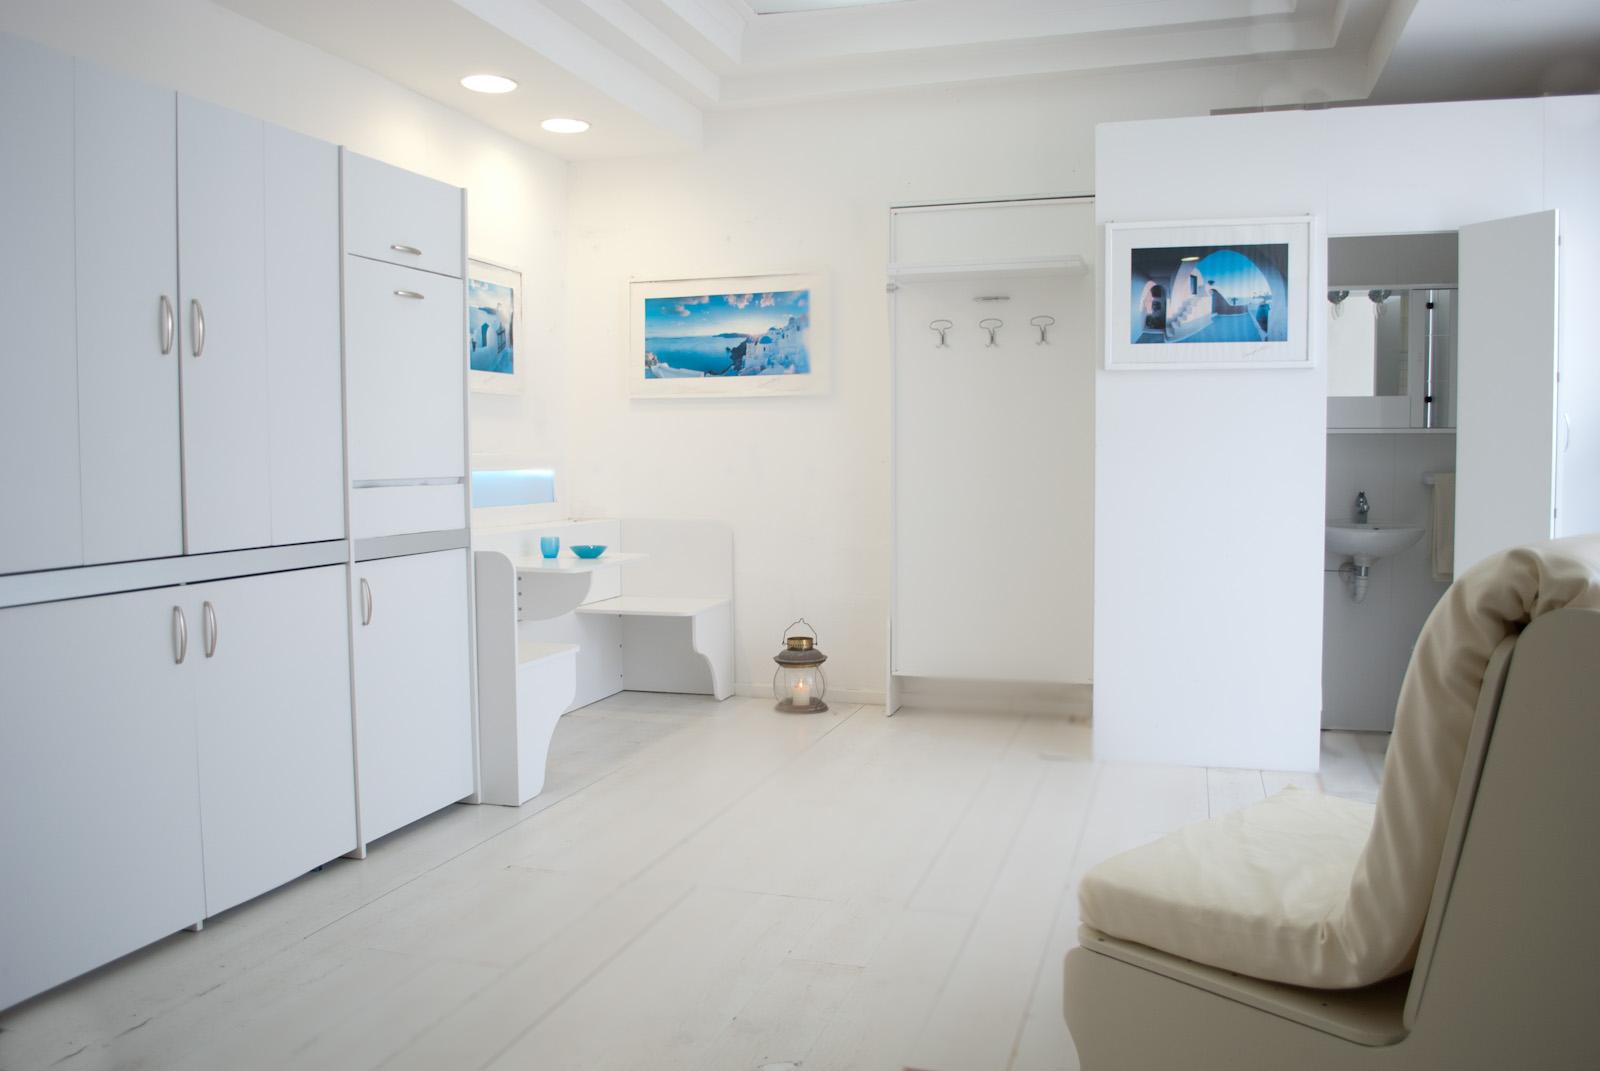 Cucina salvaspazio armadio 186 abbinata ai letti a parete for Letti chiudibili a parete